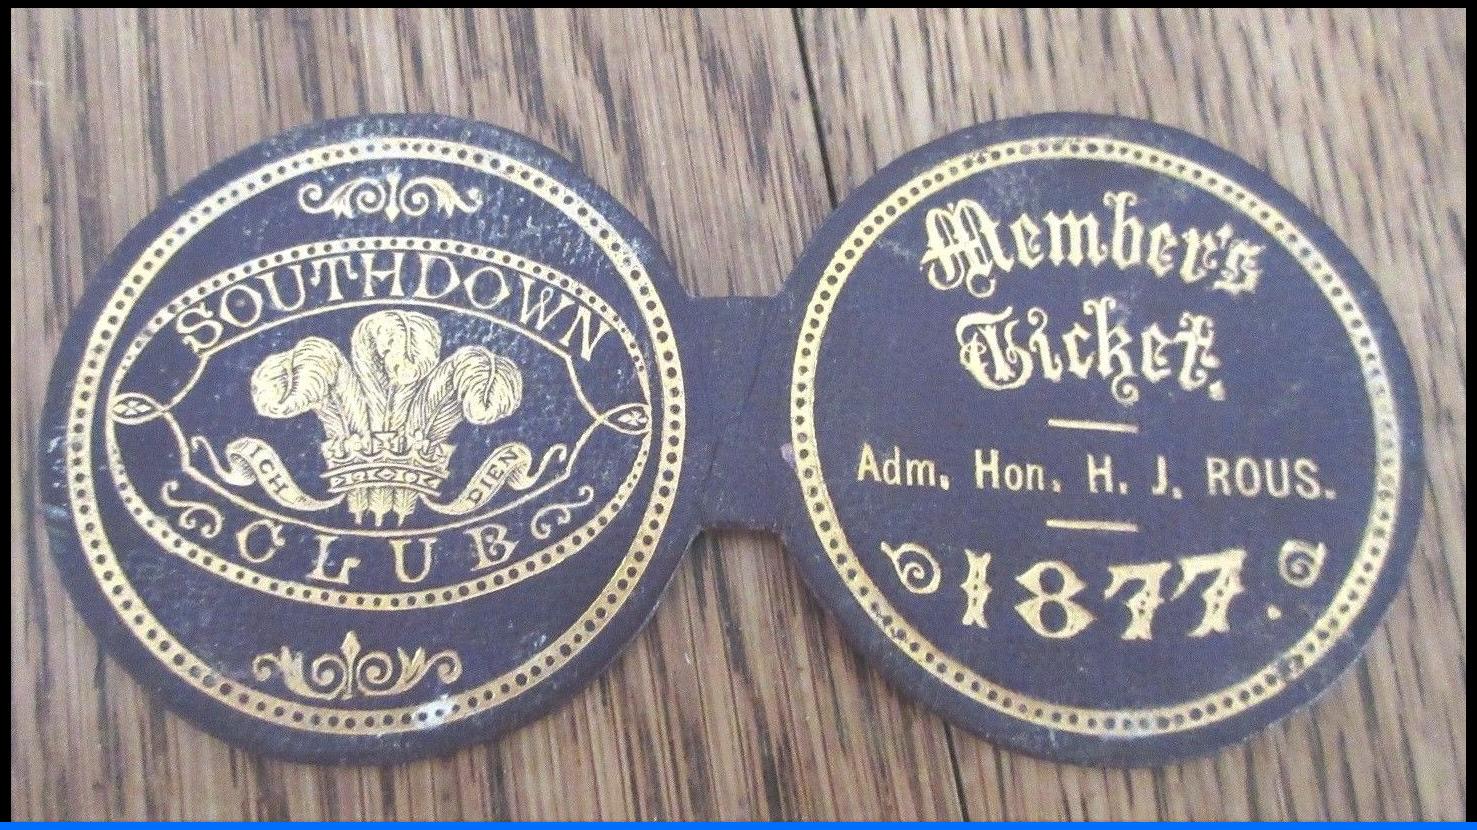 1877 badge